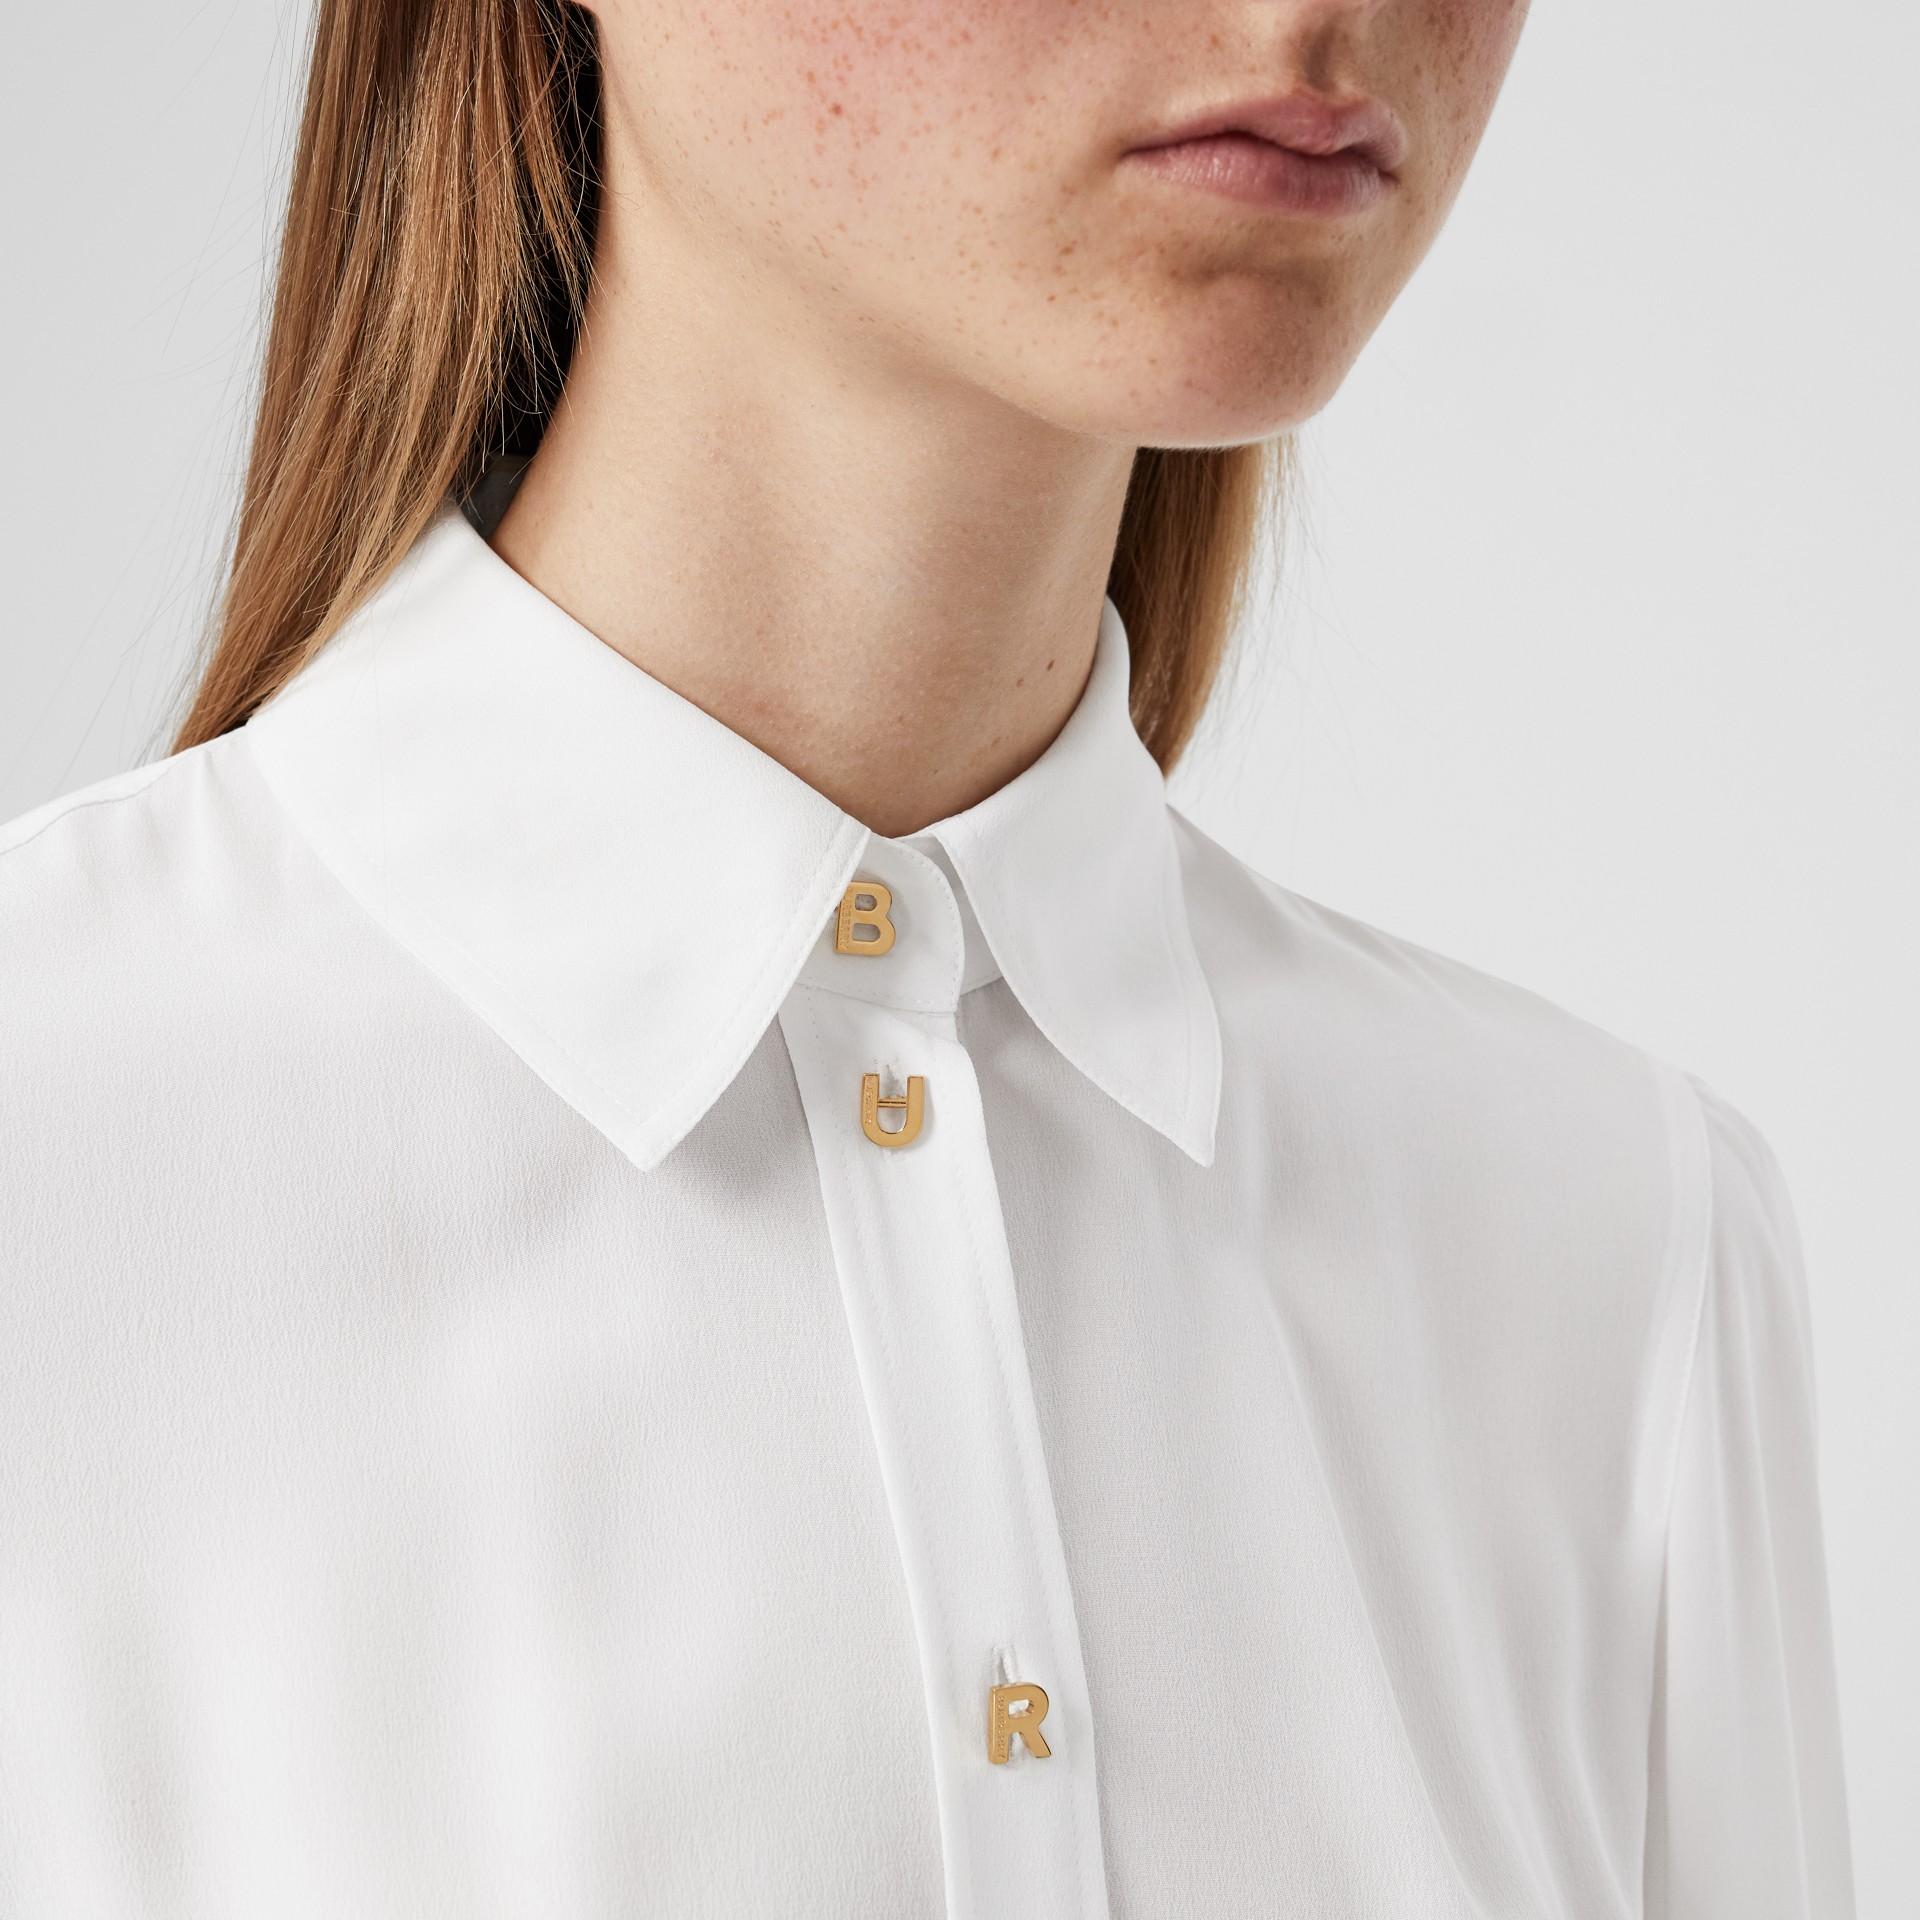 Seidenbluse mit Logo- und Cutout-Detail (Optic-weiß) - Damen | Burberry - Galerie-Bild 1